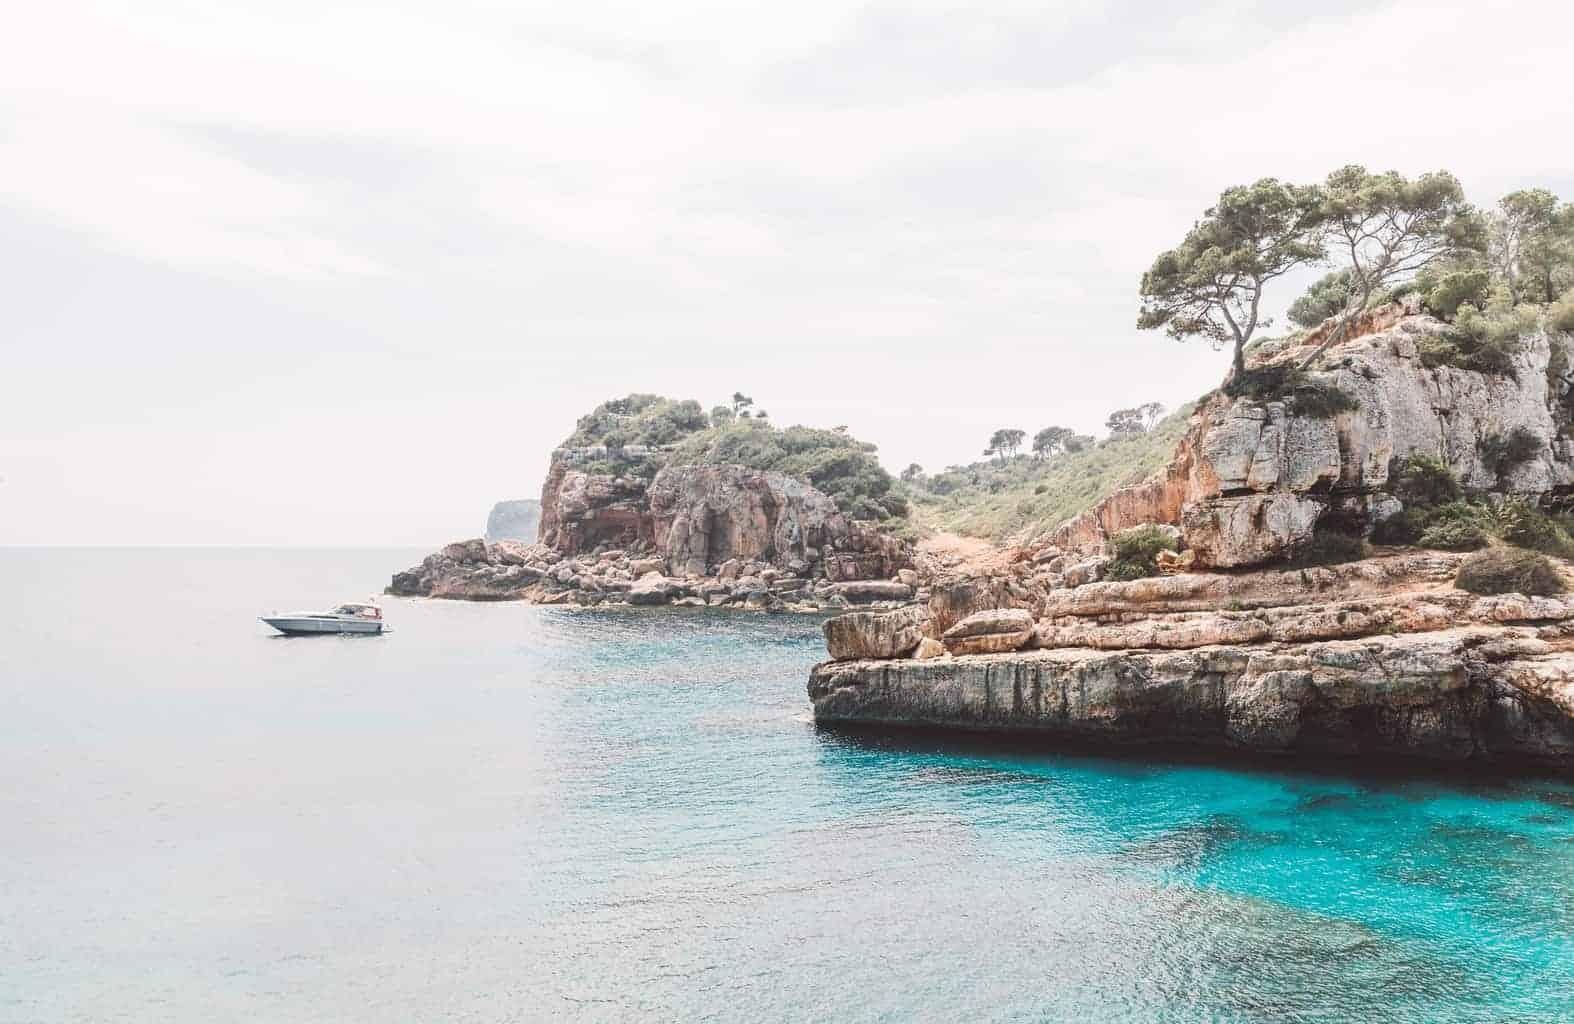 Boat in Mallorca, Spain